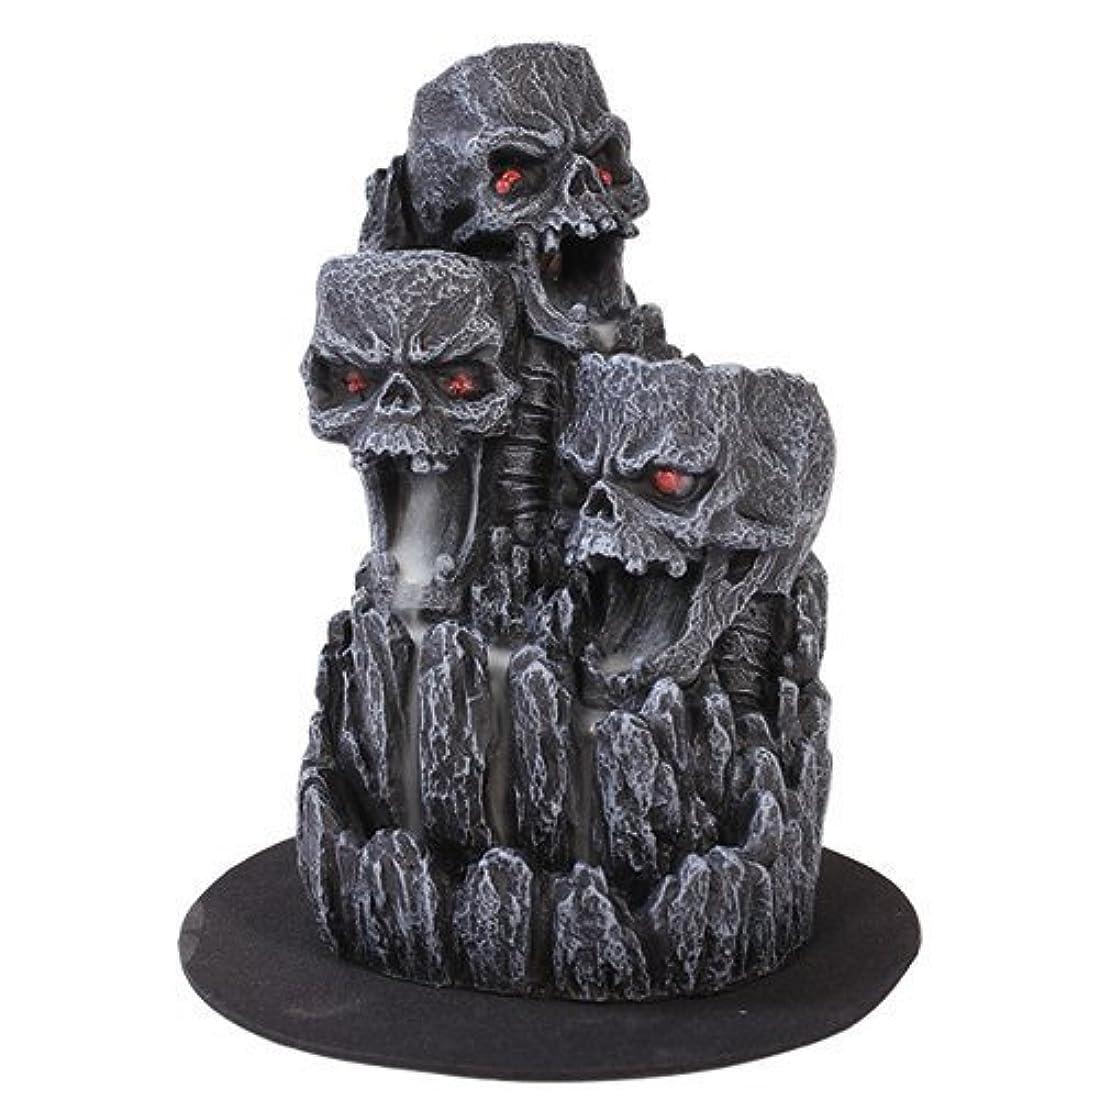 木曜日集計サミュエルゴシックスカル(お香立て)マウンテンタワー オブジェ Gothic Skull Backflow Incense Tower